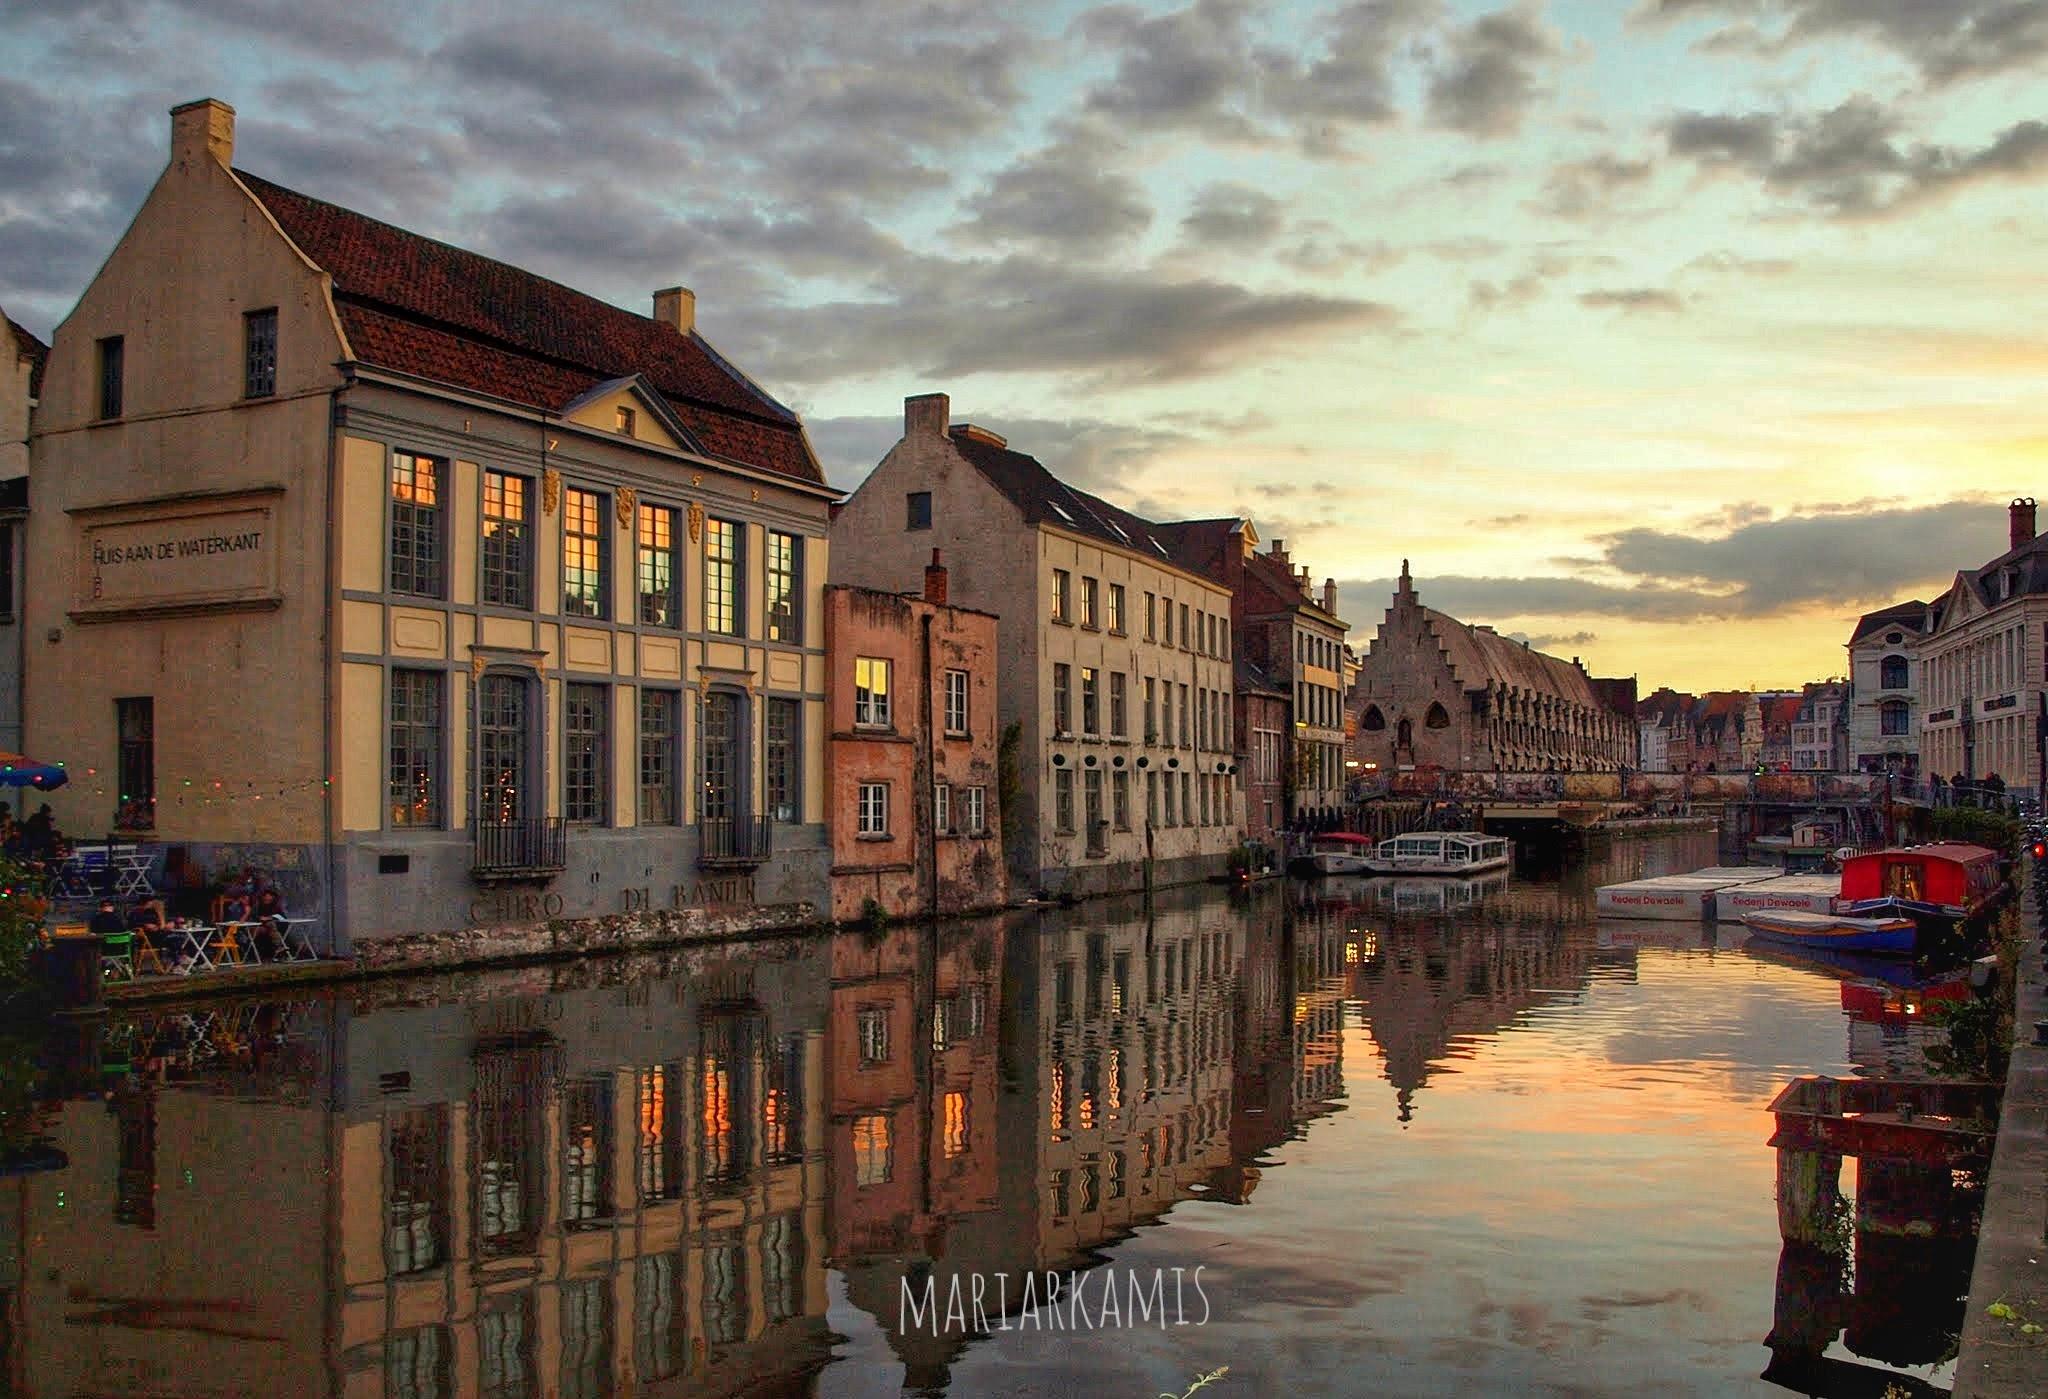 Canales230 4 días en Gante y Brujas. Día 1: La llegada Viajes